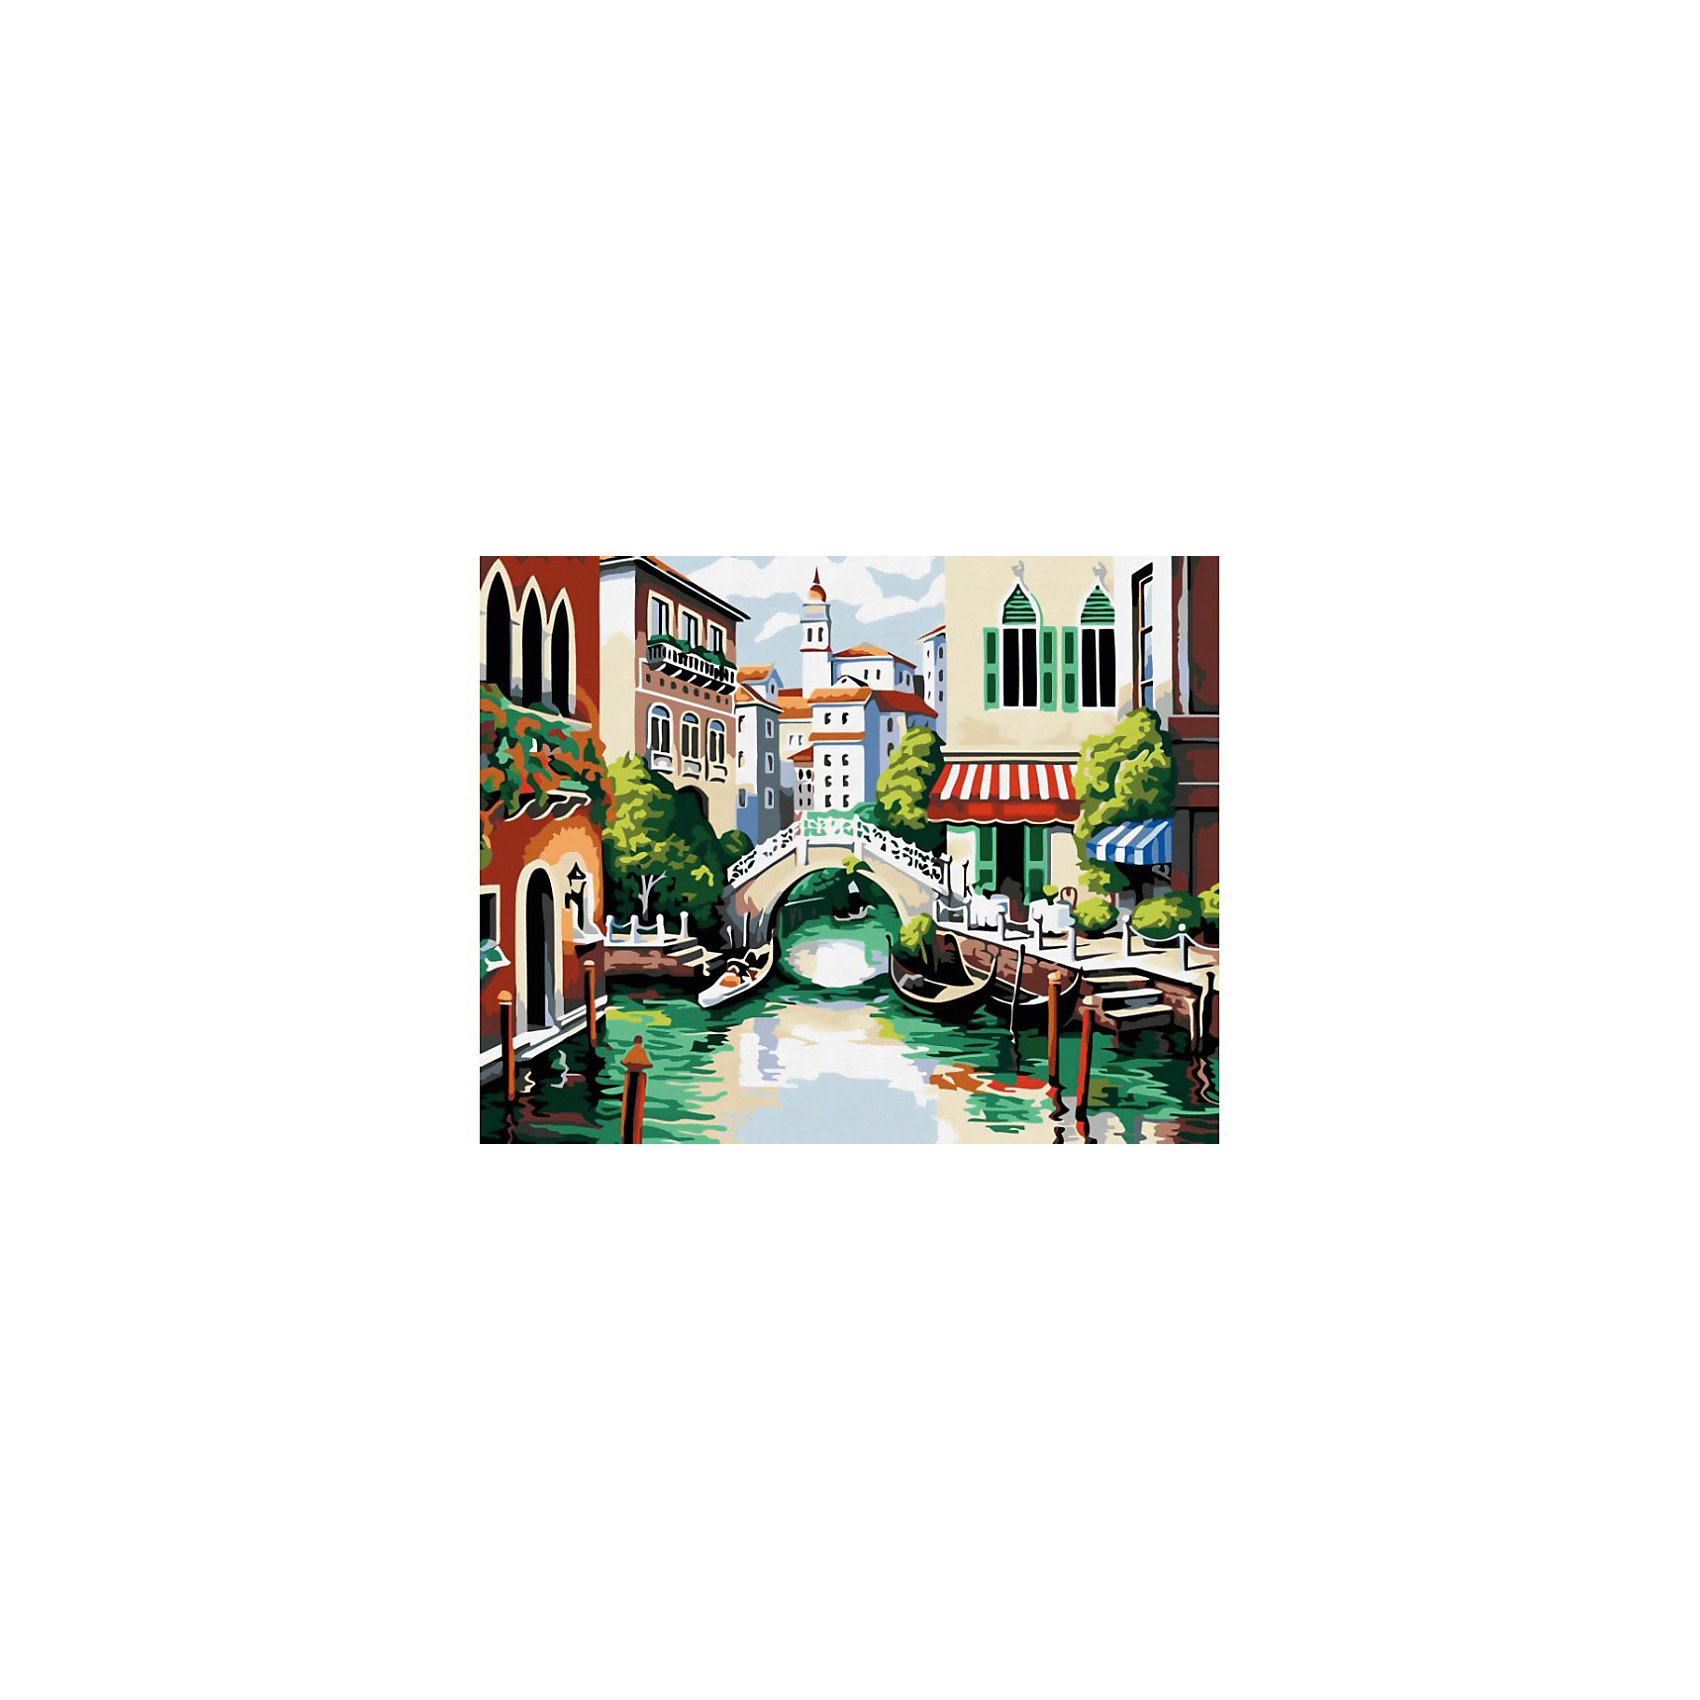 Картина по номерам ВенецияЭта раскраска станет отличным подарком ребенку. С ее помощью так легко нарисовать потрясающую картину, которую можно повесить на стену или подарить. Для этого необходимо закрашивать пронумерованные области рисунка нужными цветами.<br><br>Если ребенок любит рисовать, то раскраска по номерам ему понравится. Даже если нет должных навыков, попробовать себя в роли художника можно с этим набором. Раскрашивая картину по номерам, вы получите настоящее удовольствие от этого творческого процесса. Места для закрашивания отмечены номерами и выделены в виде расчерченных зон. <br>В наборе есть все самое необходимое: холст, кисти и прочие принадлежности юного художника. Акриловые краски абсолютно безвредны, они не содержат растворителей. С этой раскраской ребенок будет не только интересно проводить время, но и развивать: творческое мышление, усидчивость.&#13;<br><br>Дополнительная информация:<br><br><br>Дополнительная информация:<br><br>В наборе: холст на подрамнике с рисунком, пробный лист со схемой, набор быстросохнущих акриловых красок (24 цвета), кисти 3 шт., настенное крепление для готовой картины<br>Размер: 40х50 см<br>Раскрыть творческий потенциал ребенка с этой раскраской будет легко. Краски в этом наборе разлиты по пронумерованным баночкам, осталось только взять в руки кисточку и начать рисовать. <br><br>Картину по номерам Венеция можно купить в нашем магазине.<br><br>Ширина мм: 450<br>Глубина мм: 30<br>Высота мм: 550<br>Вес г: 900<br>Возраст от месяцев: 72<br>Возраст до месяцев: 180<br>Пол: Унисекс<br>Возраст: Детский<br>SKU: 4217936